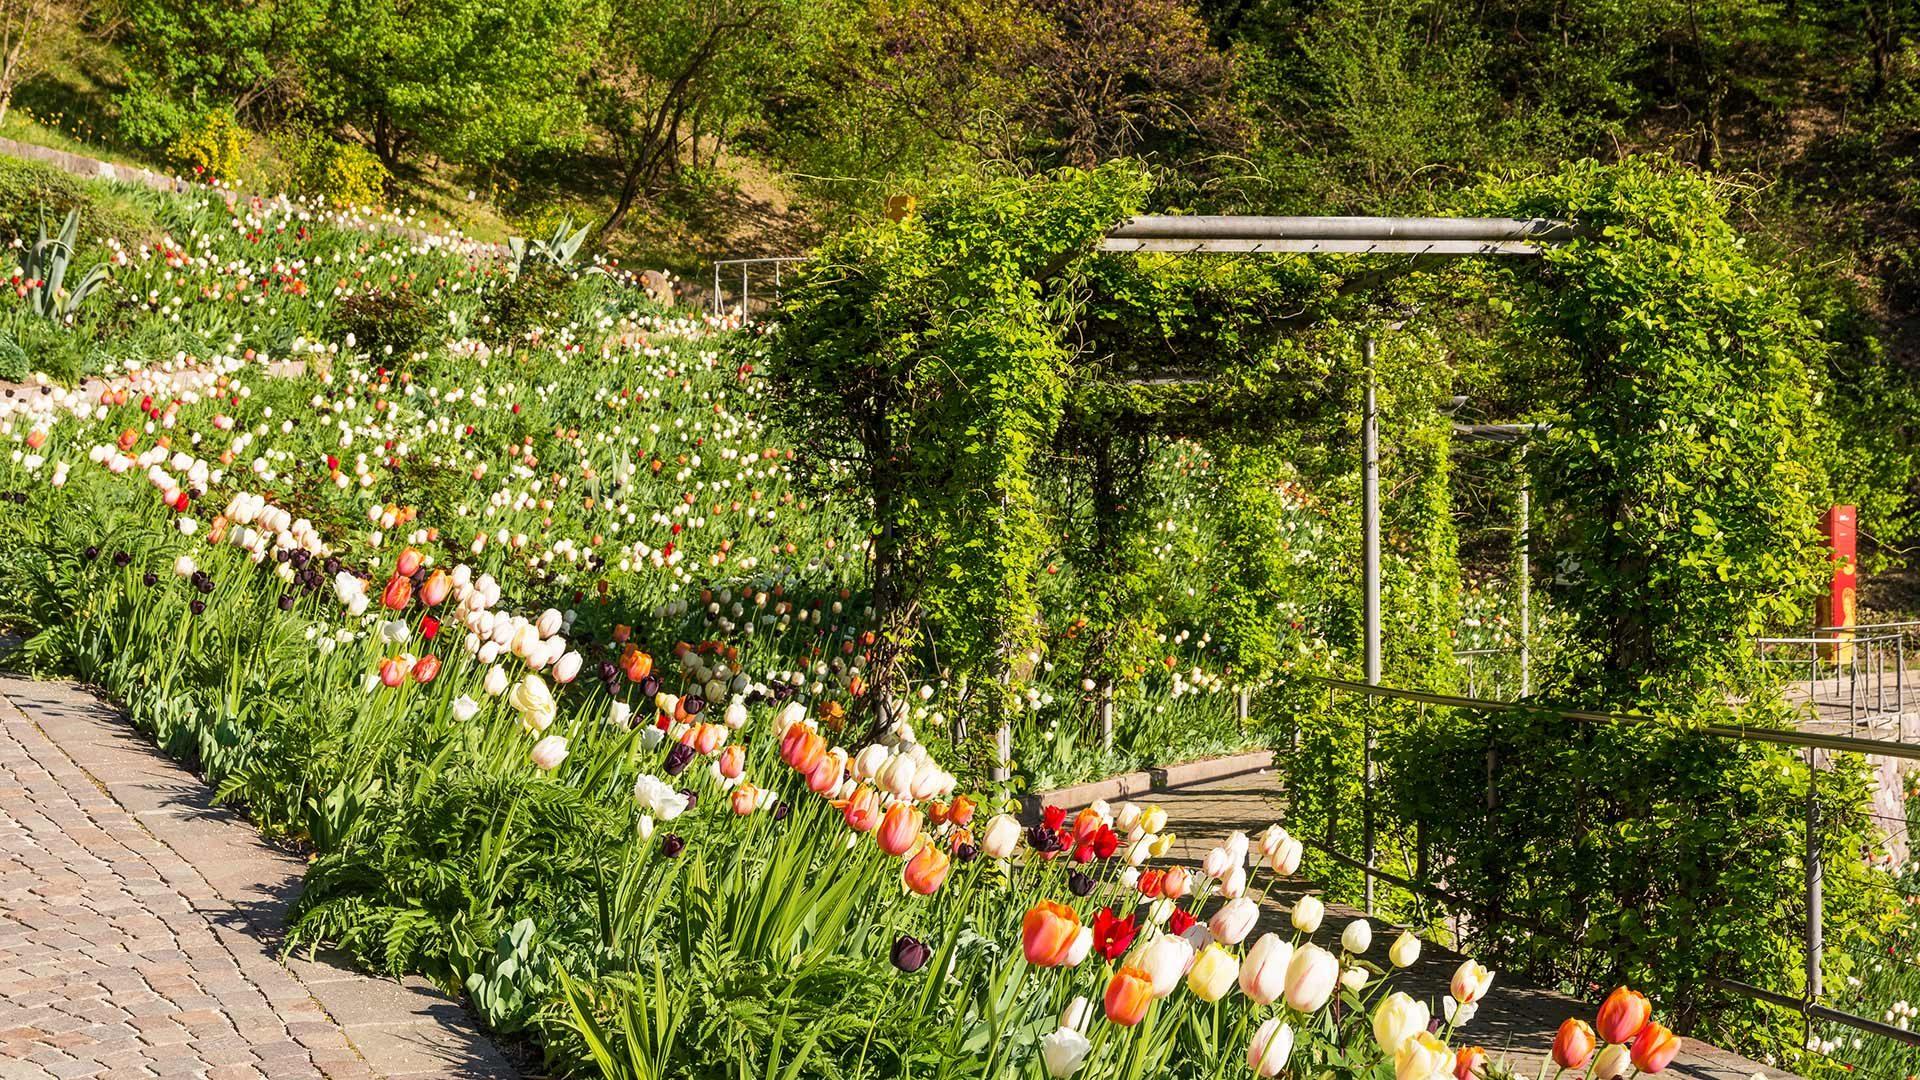 Gärten von Schloss Trauttmansdorff - Frühling